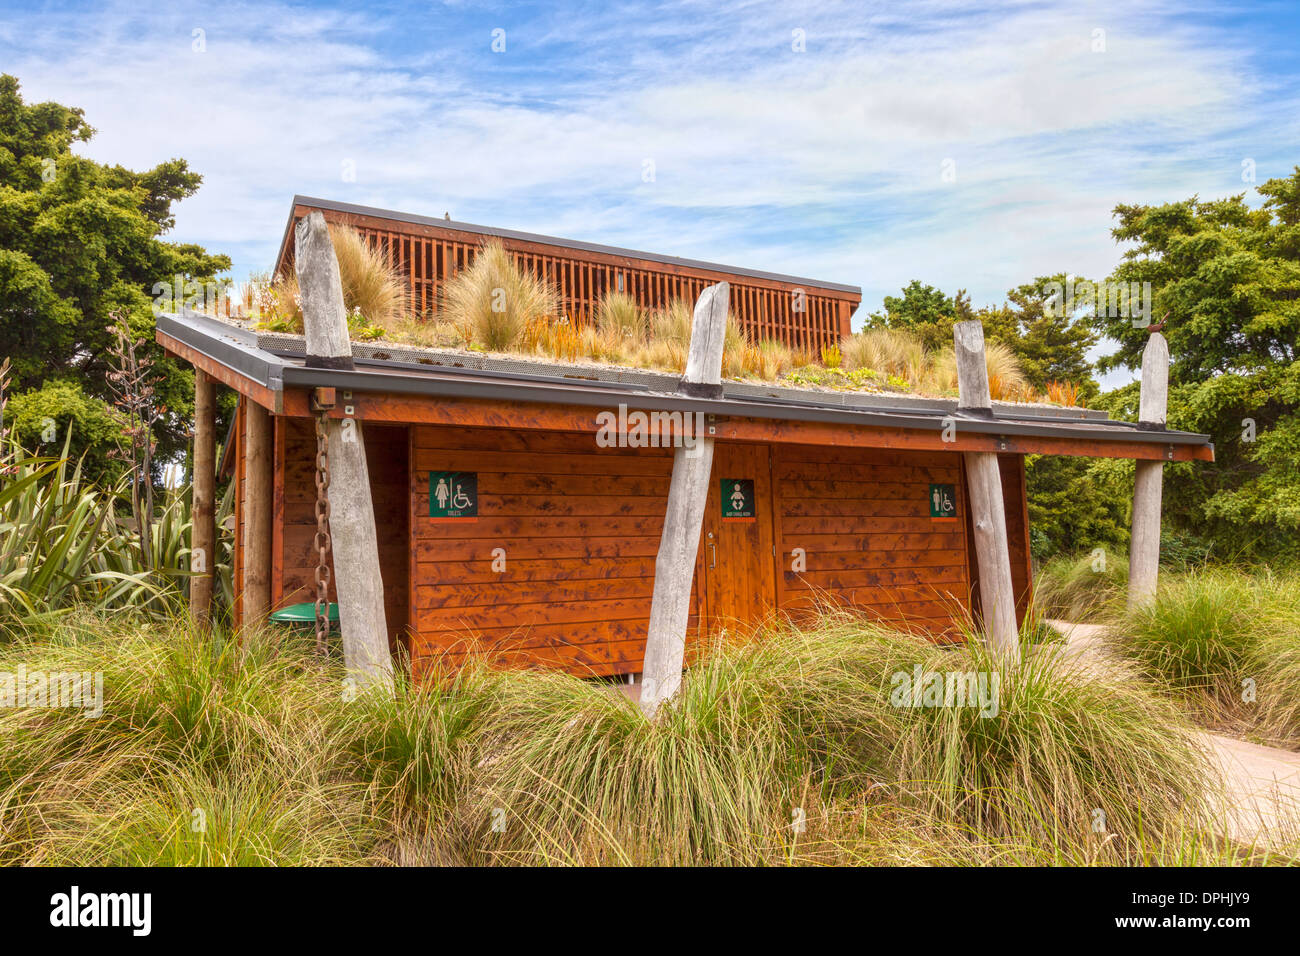 Blocco servizi igienici con tetto vivente, Auckland Botanic Gardens. Il tetto vivente assorbe acqua piovana, qualsiasi... Immagini Stock